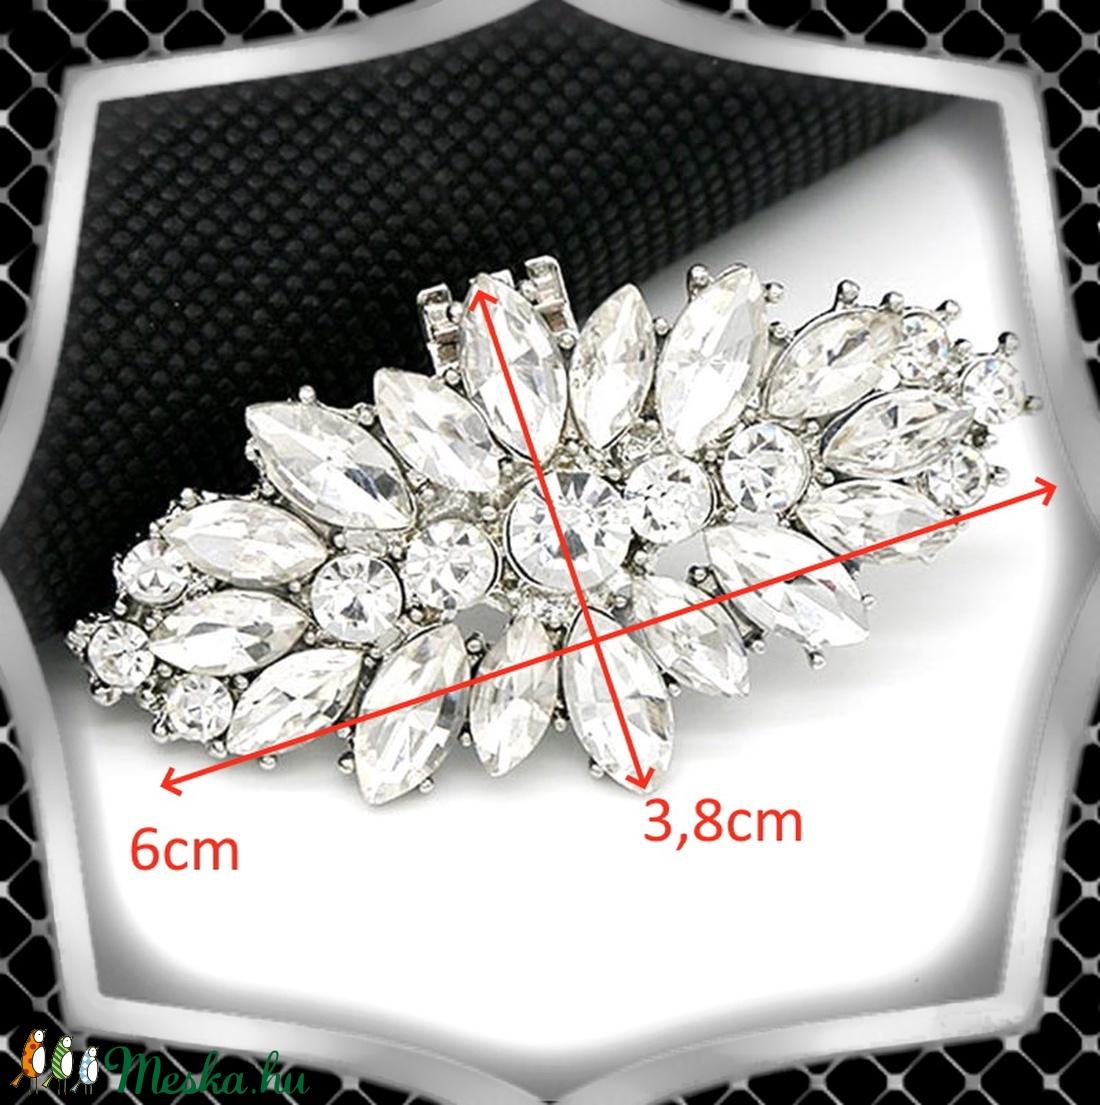 Esküvői, menyasszonyi, alkalmi cipődísz, cipőklipsz ES-CK11 - esküvő - cipő és cipőklipsz - Meska.hu